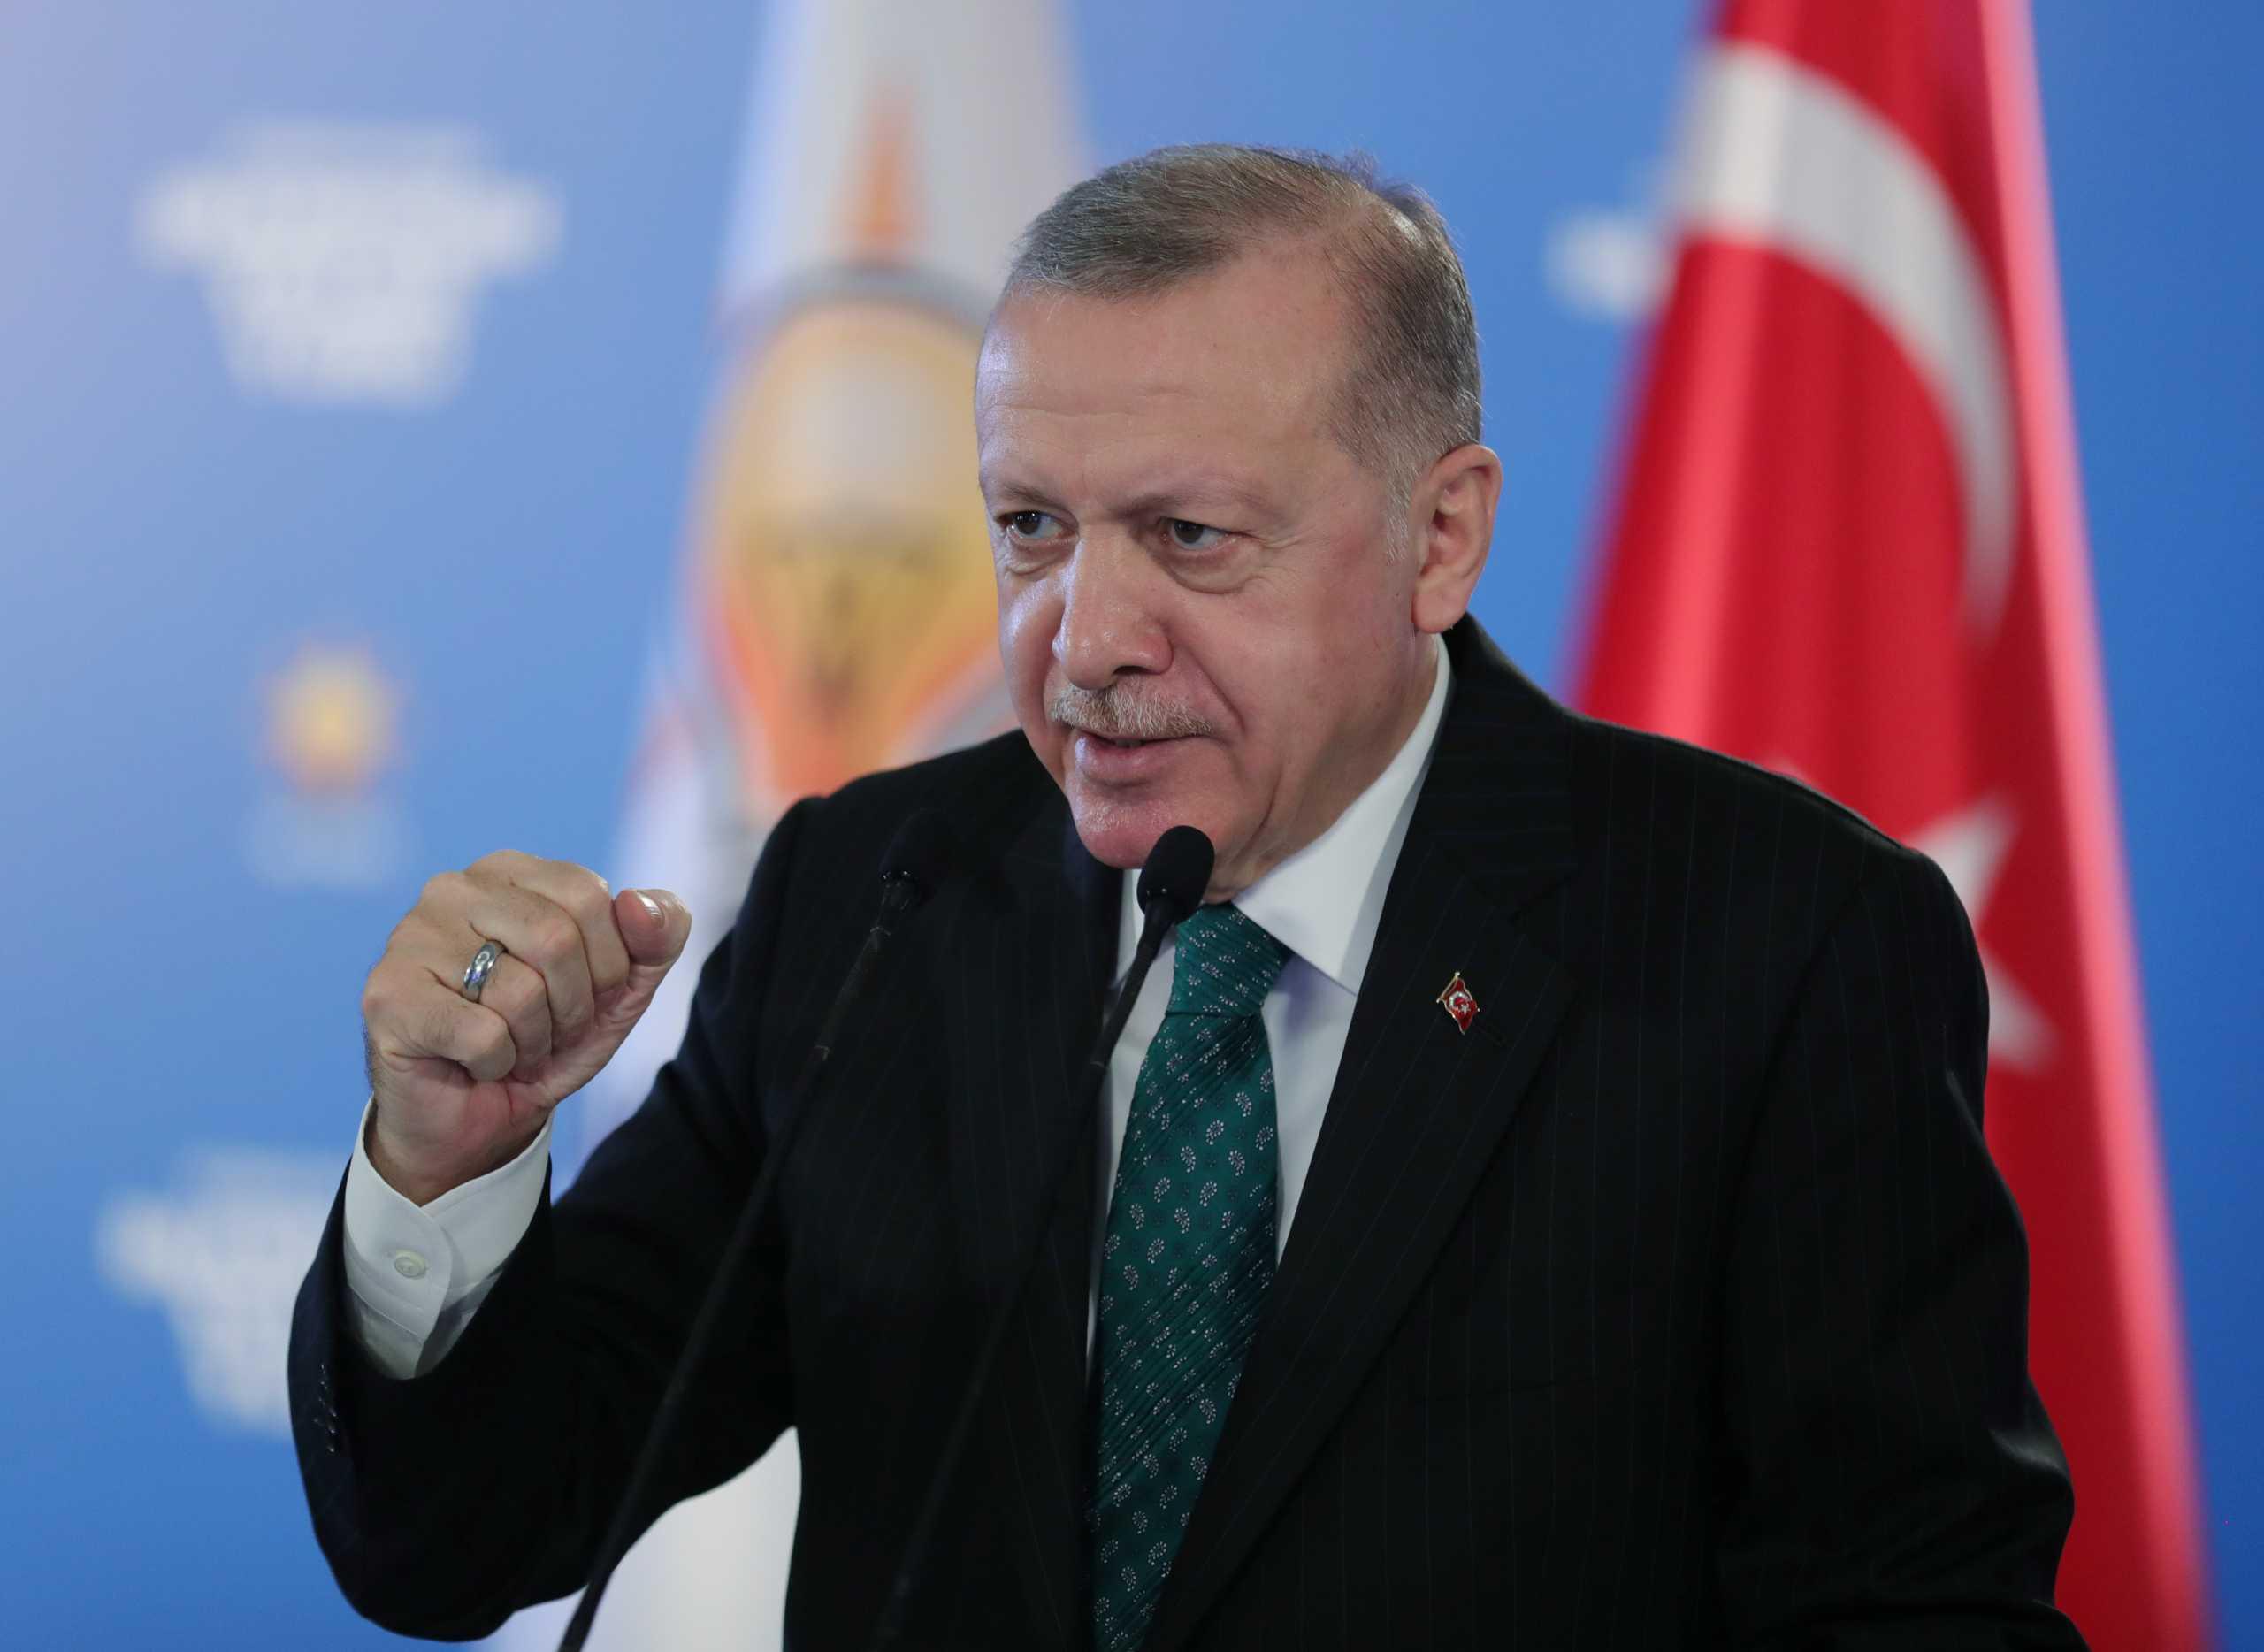 Τουρκία: Ο Ερντογάν σχεδιάζει τη διάλυση του φιλοκουρδικού κόμματος HDP2